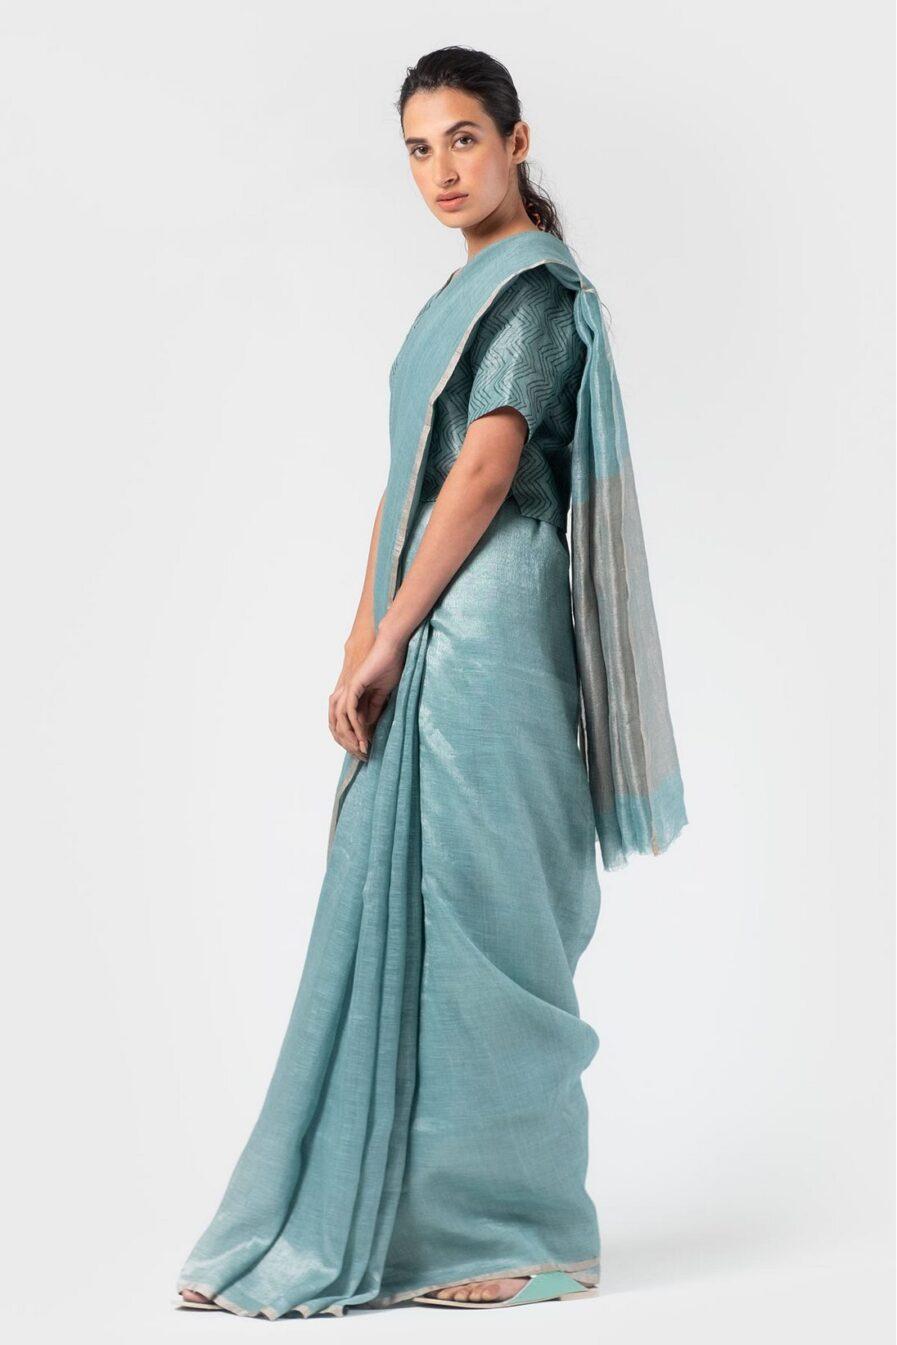 Anavila Periwinkle metallic sari